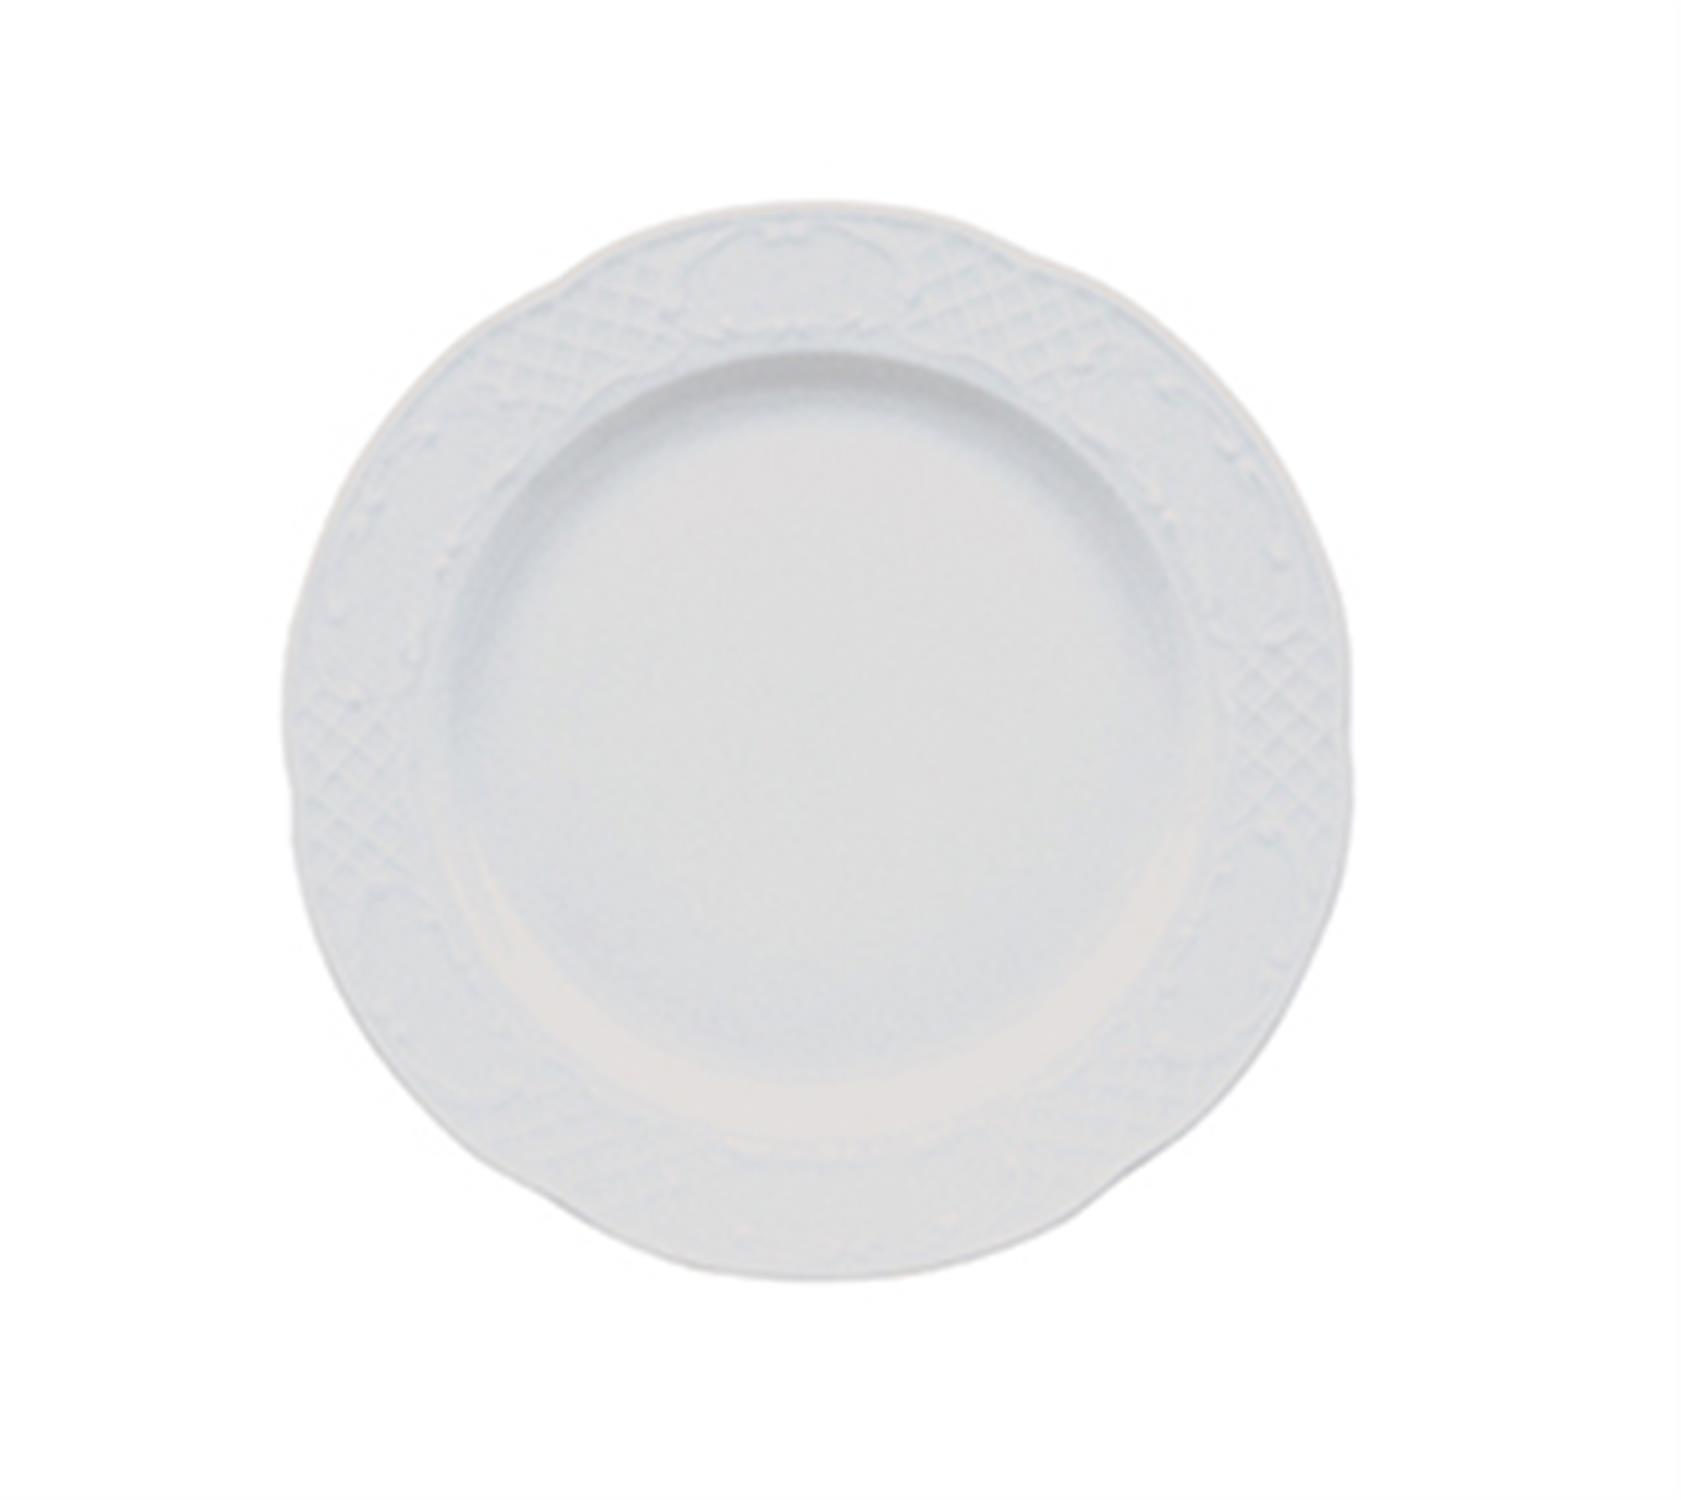 Ρηχό πιάτο πορσελάνινο FLORA 27cm